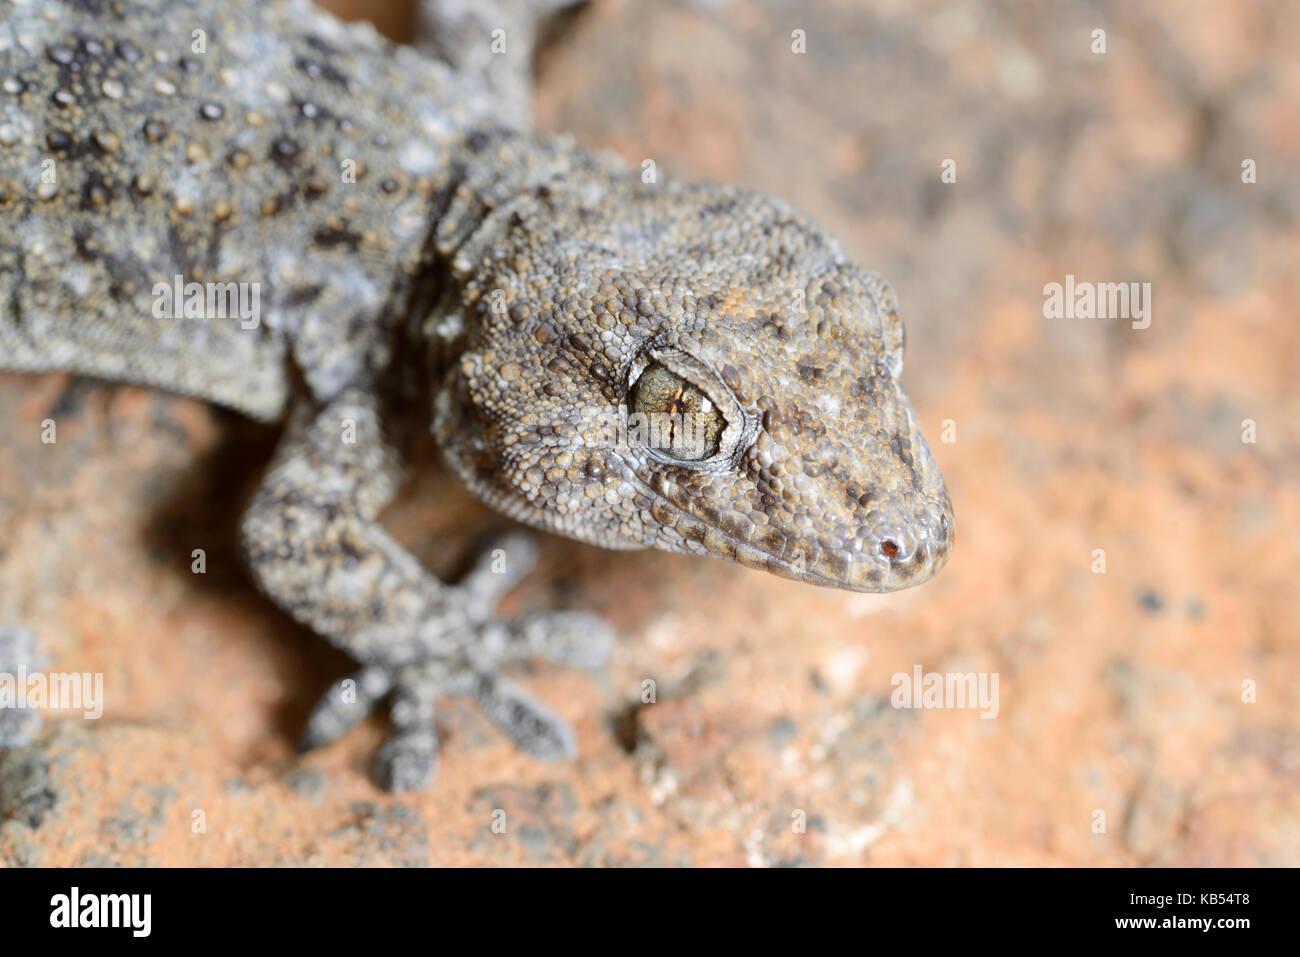 Teneriffa Gecko (Tarentola delalandii) liegt auf einem Felsen, Spanien, Teneriffa Stockbild